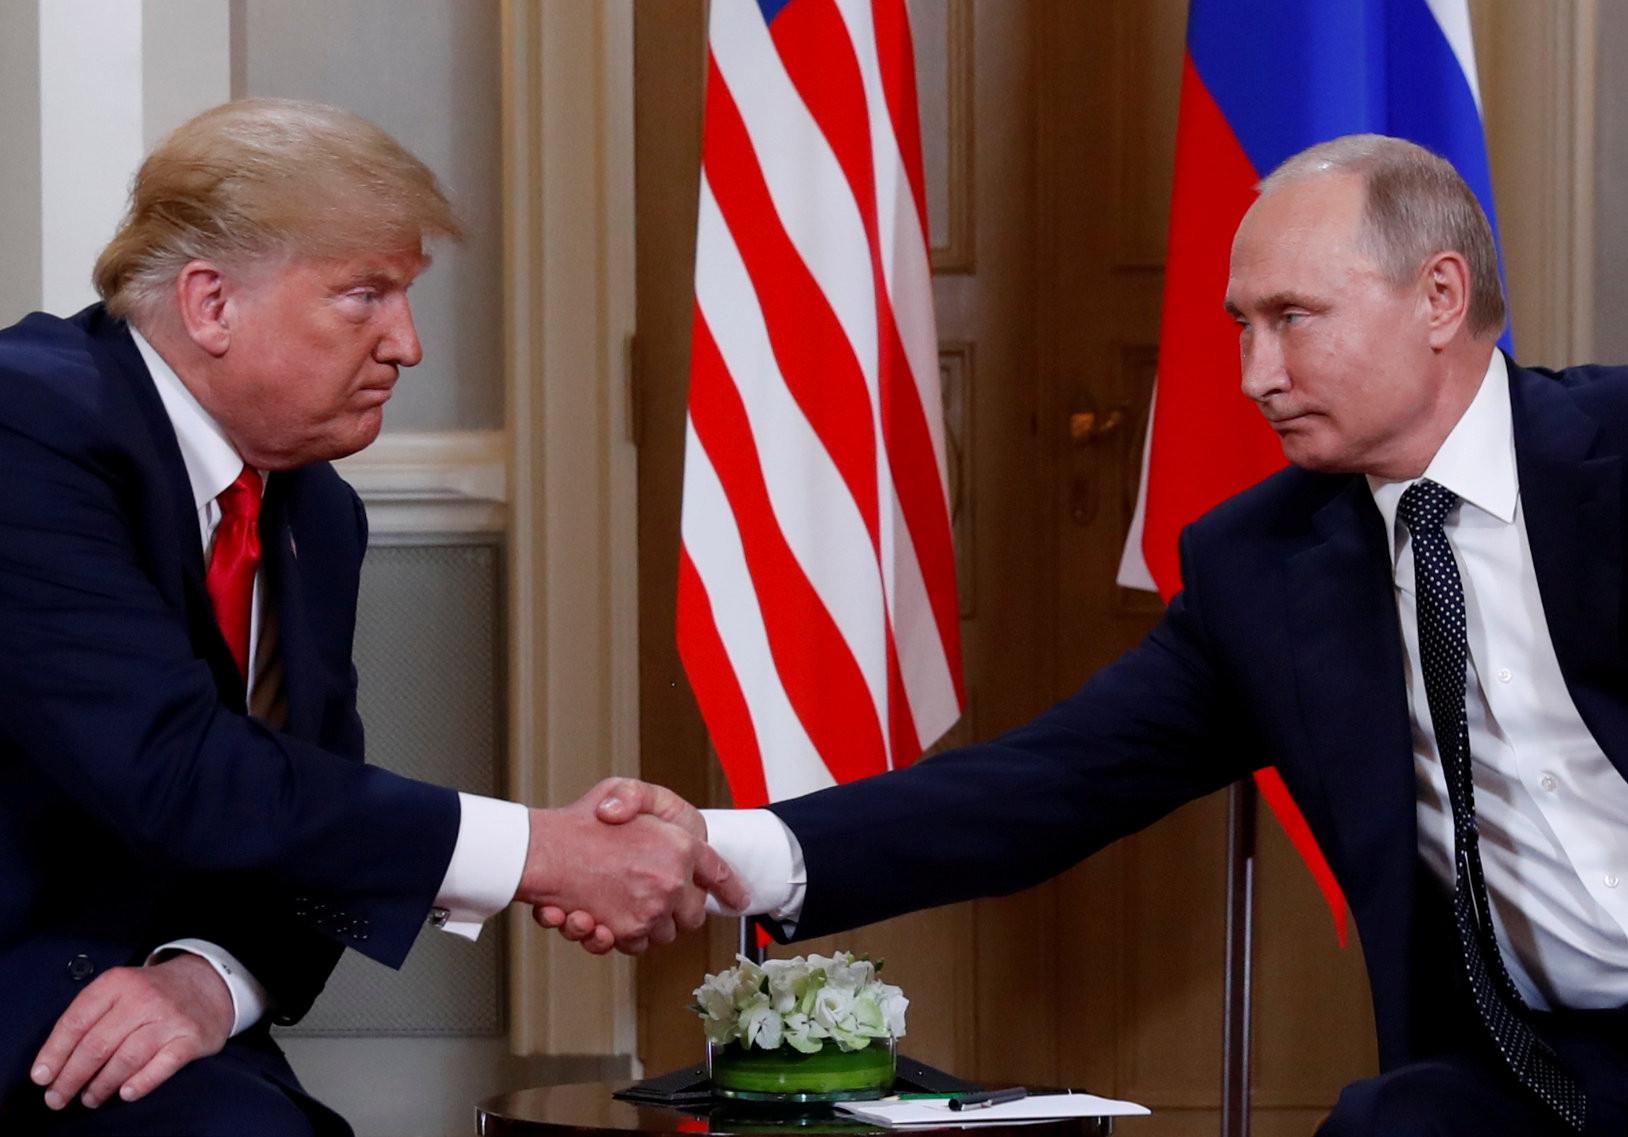 ▲美國總統川普(Donald Trump)在芬蘭首都赫爾辛基(Helsinki)與俄羅斯總統普丁(Vladimir Putin)會面。(圖/路透社)